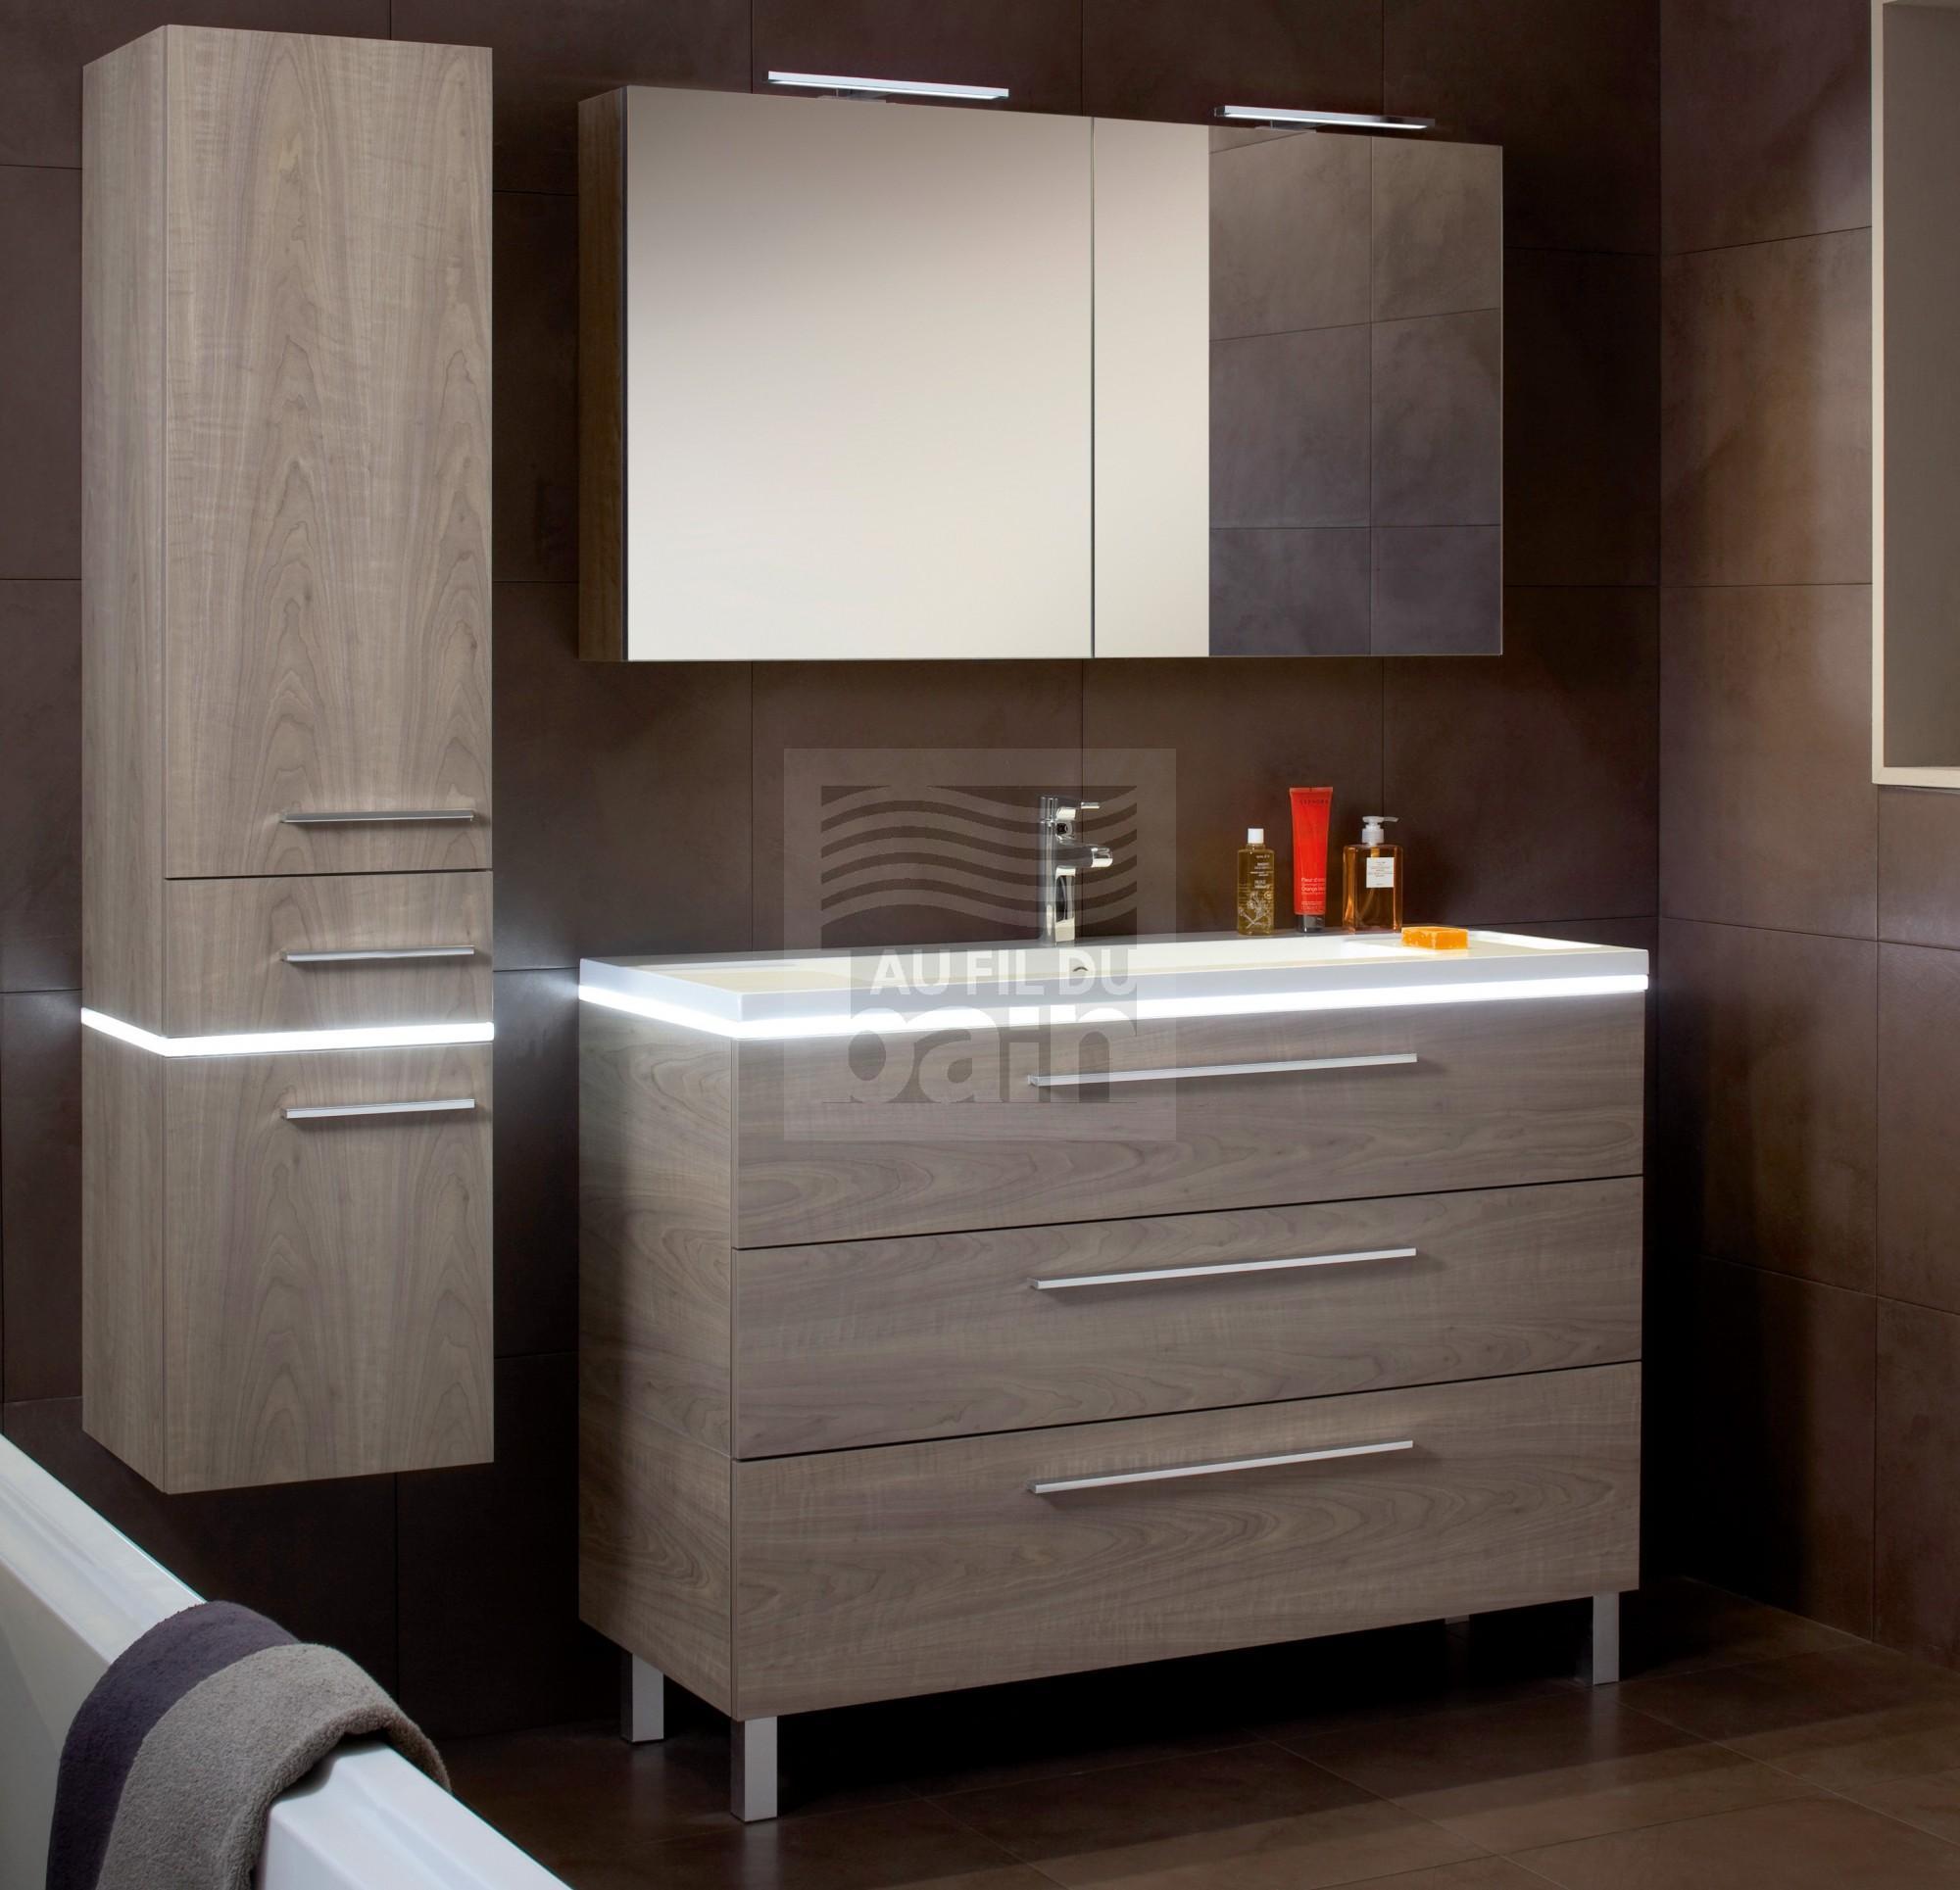 Lavabo et meuble salle de bain